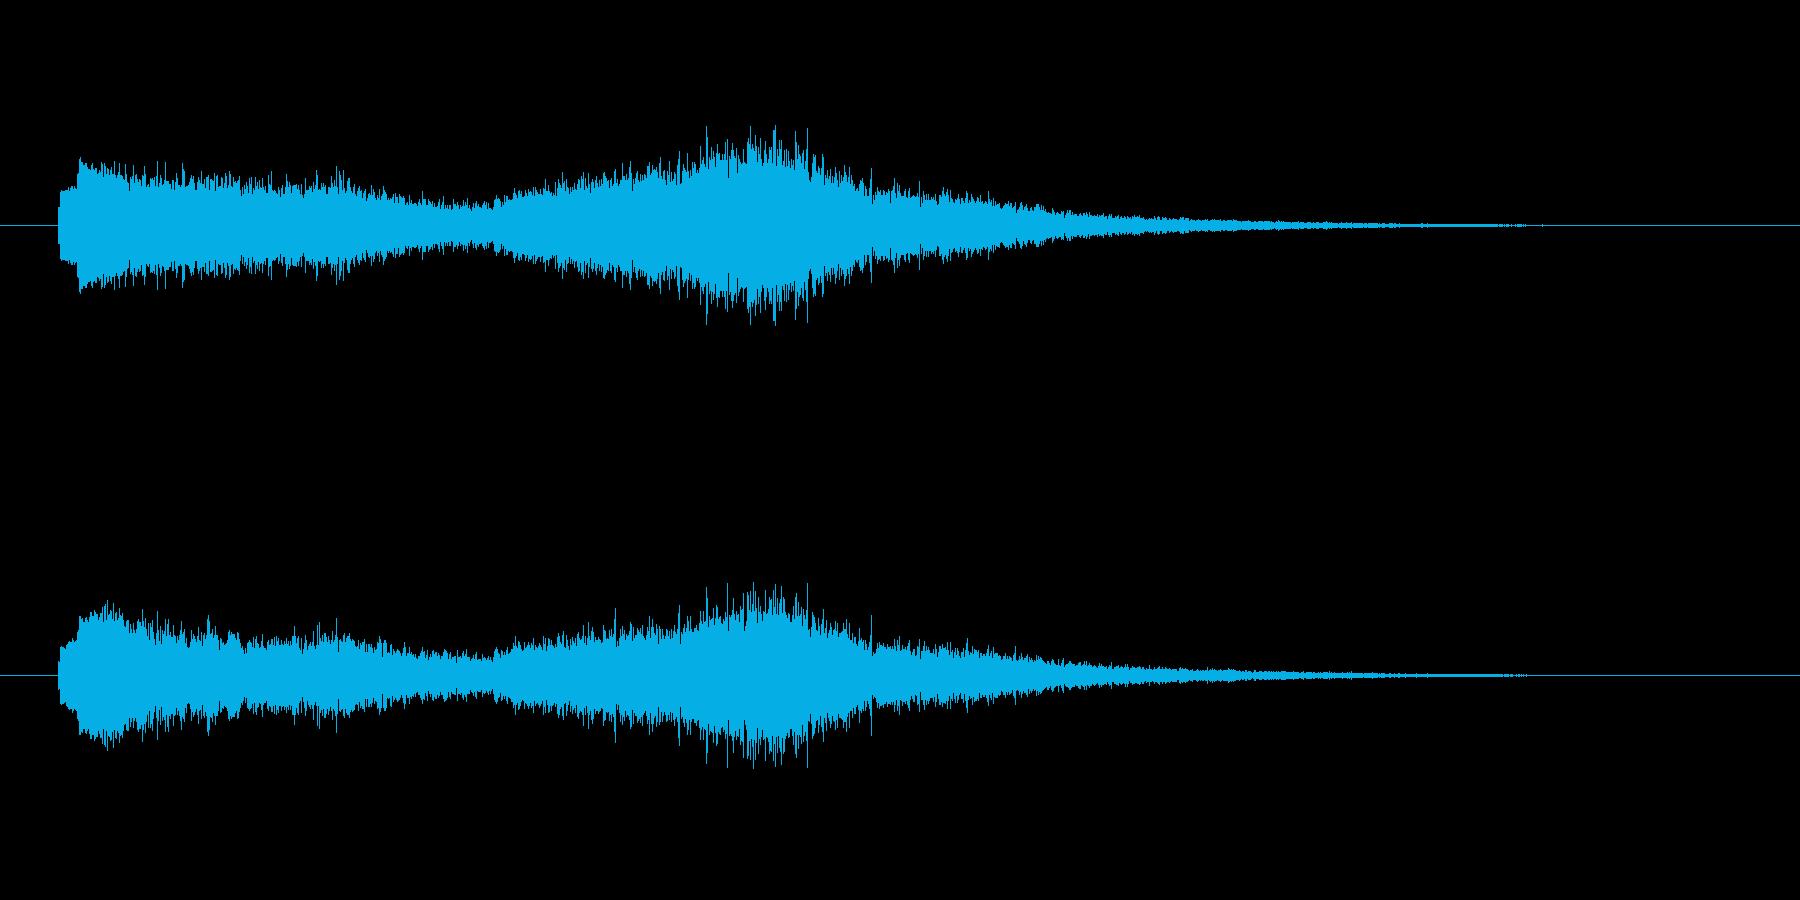 ポロンシュワー(清涼感の電子音)の再生済みの波形